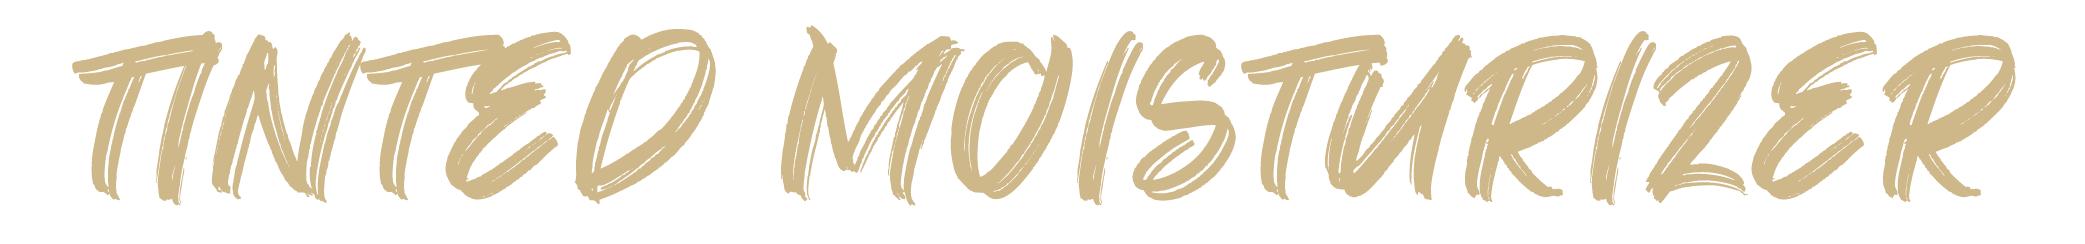 Summer_2019_ Skincare_Blog-02.png